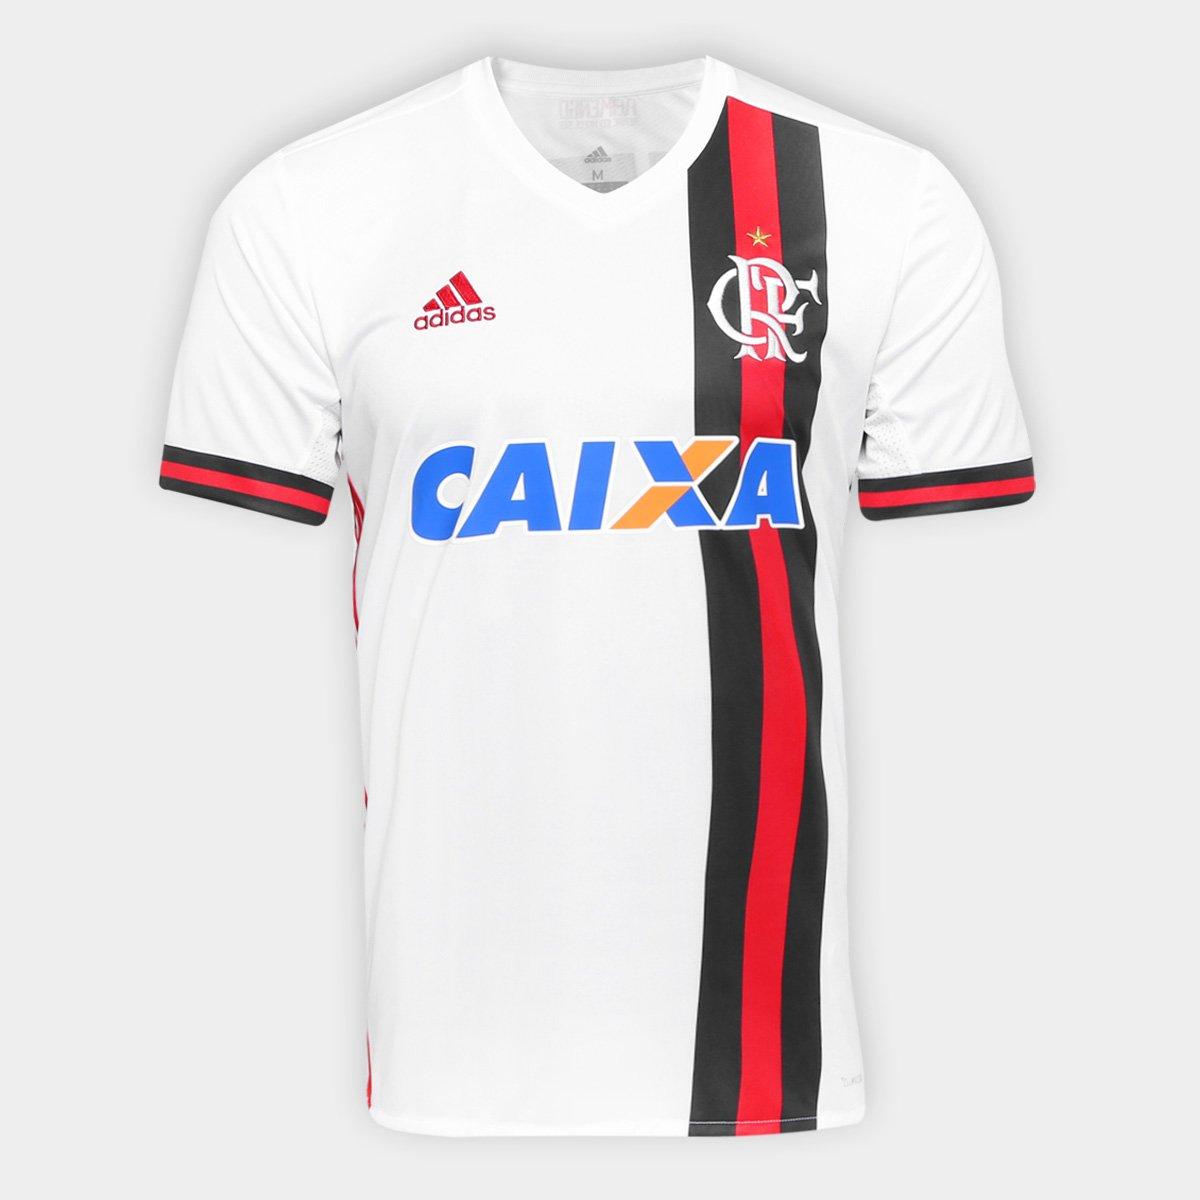 Camisa Adidas Flamengo II 17 18 N° 7 - E. Ribeiro - Compre Agora ... b981e969570af